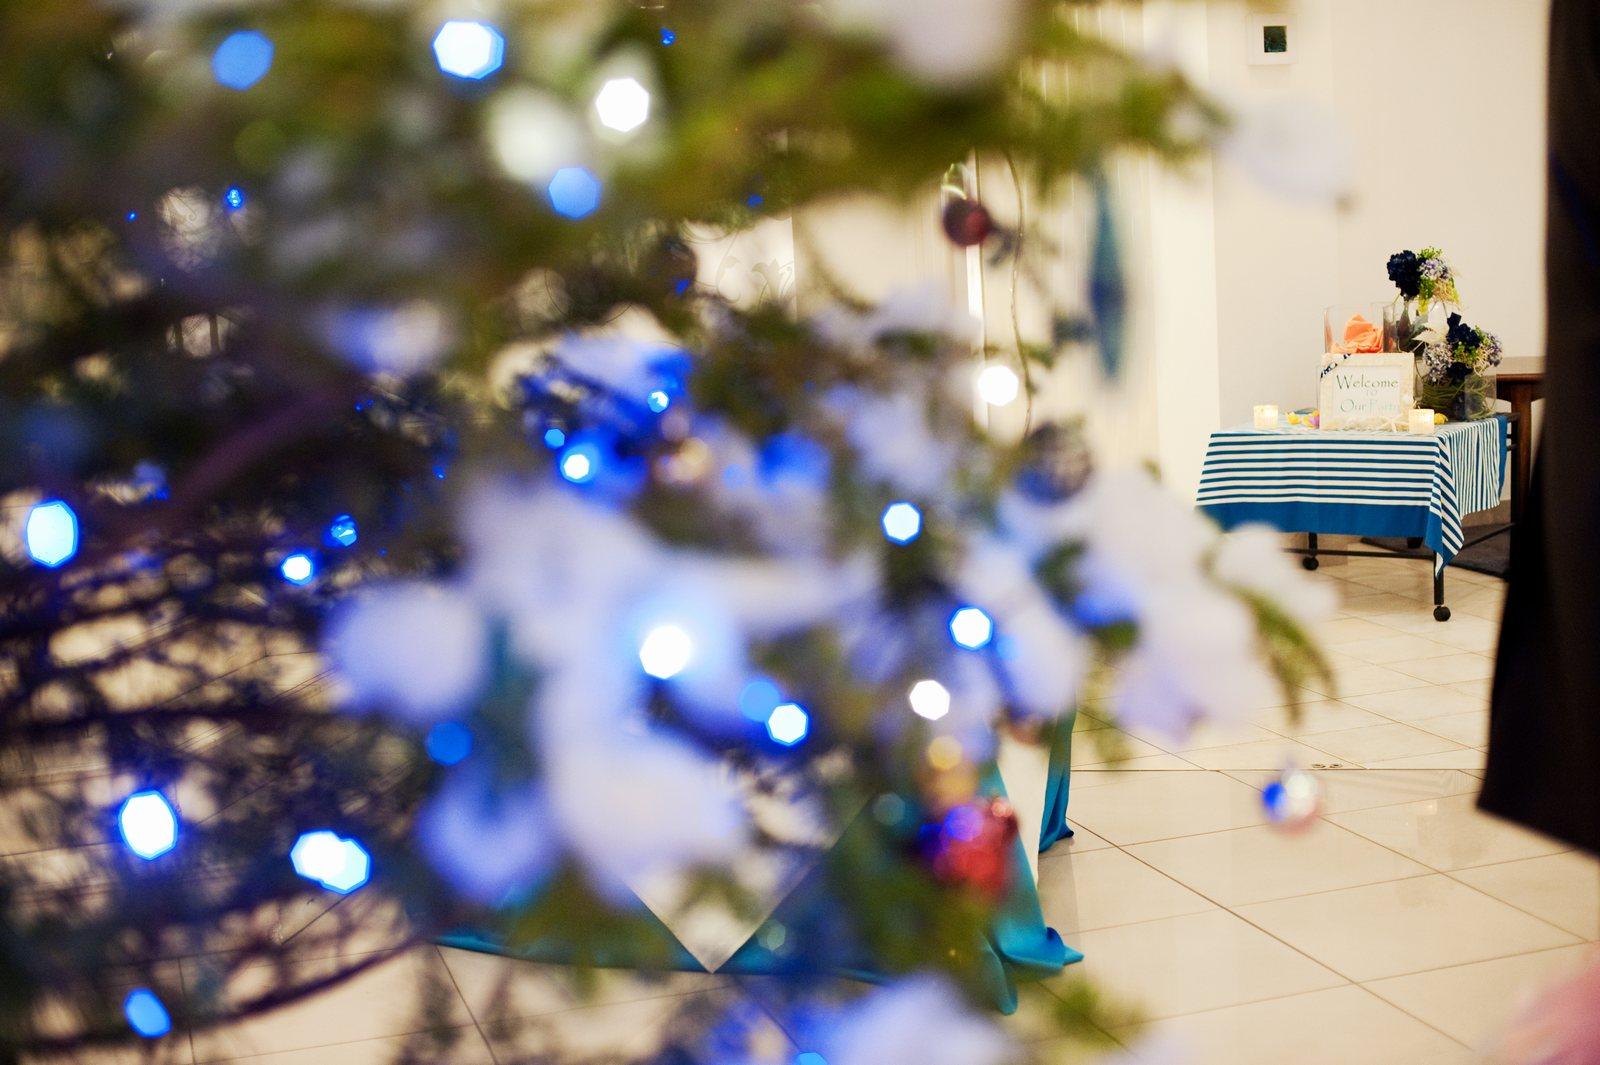 香川の結婚式場のシェルエメール&アイスタイルのクリスマスツリー